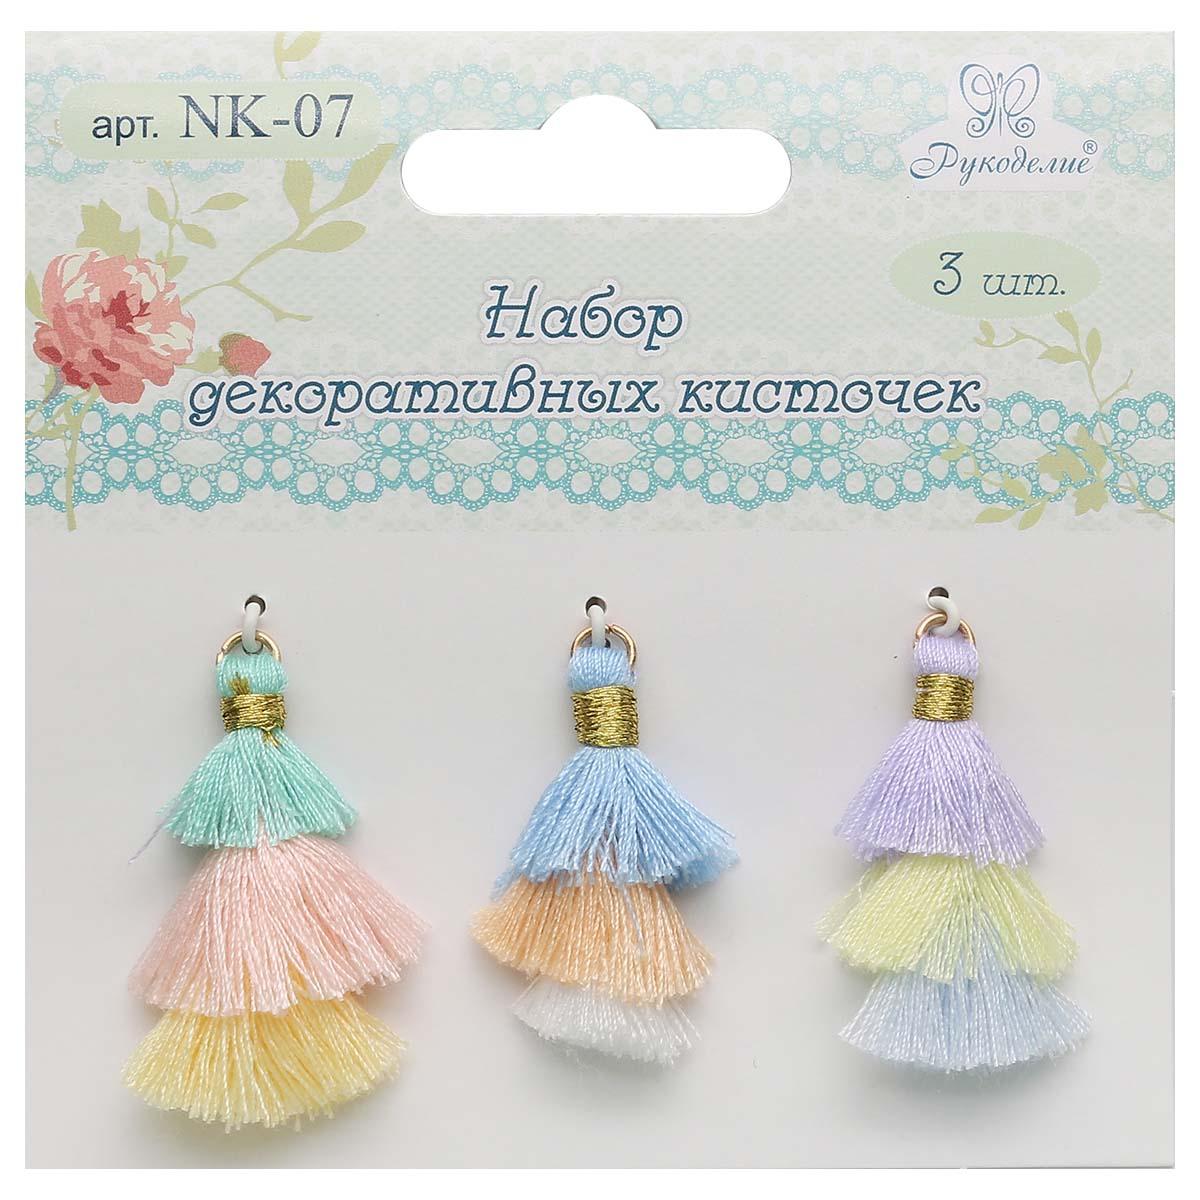 NK-07 Набор декоративных кисточек 'Рукоделие' упак/3шт